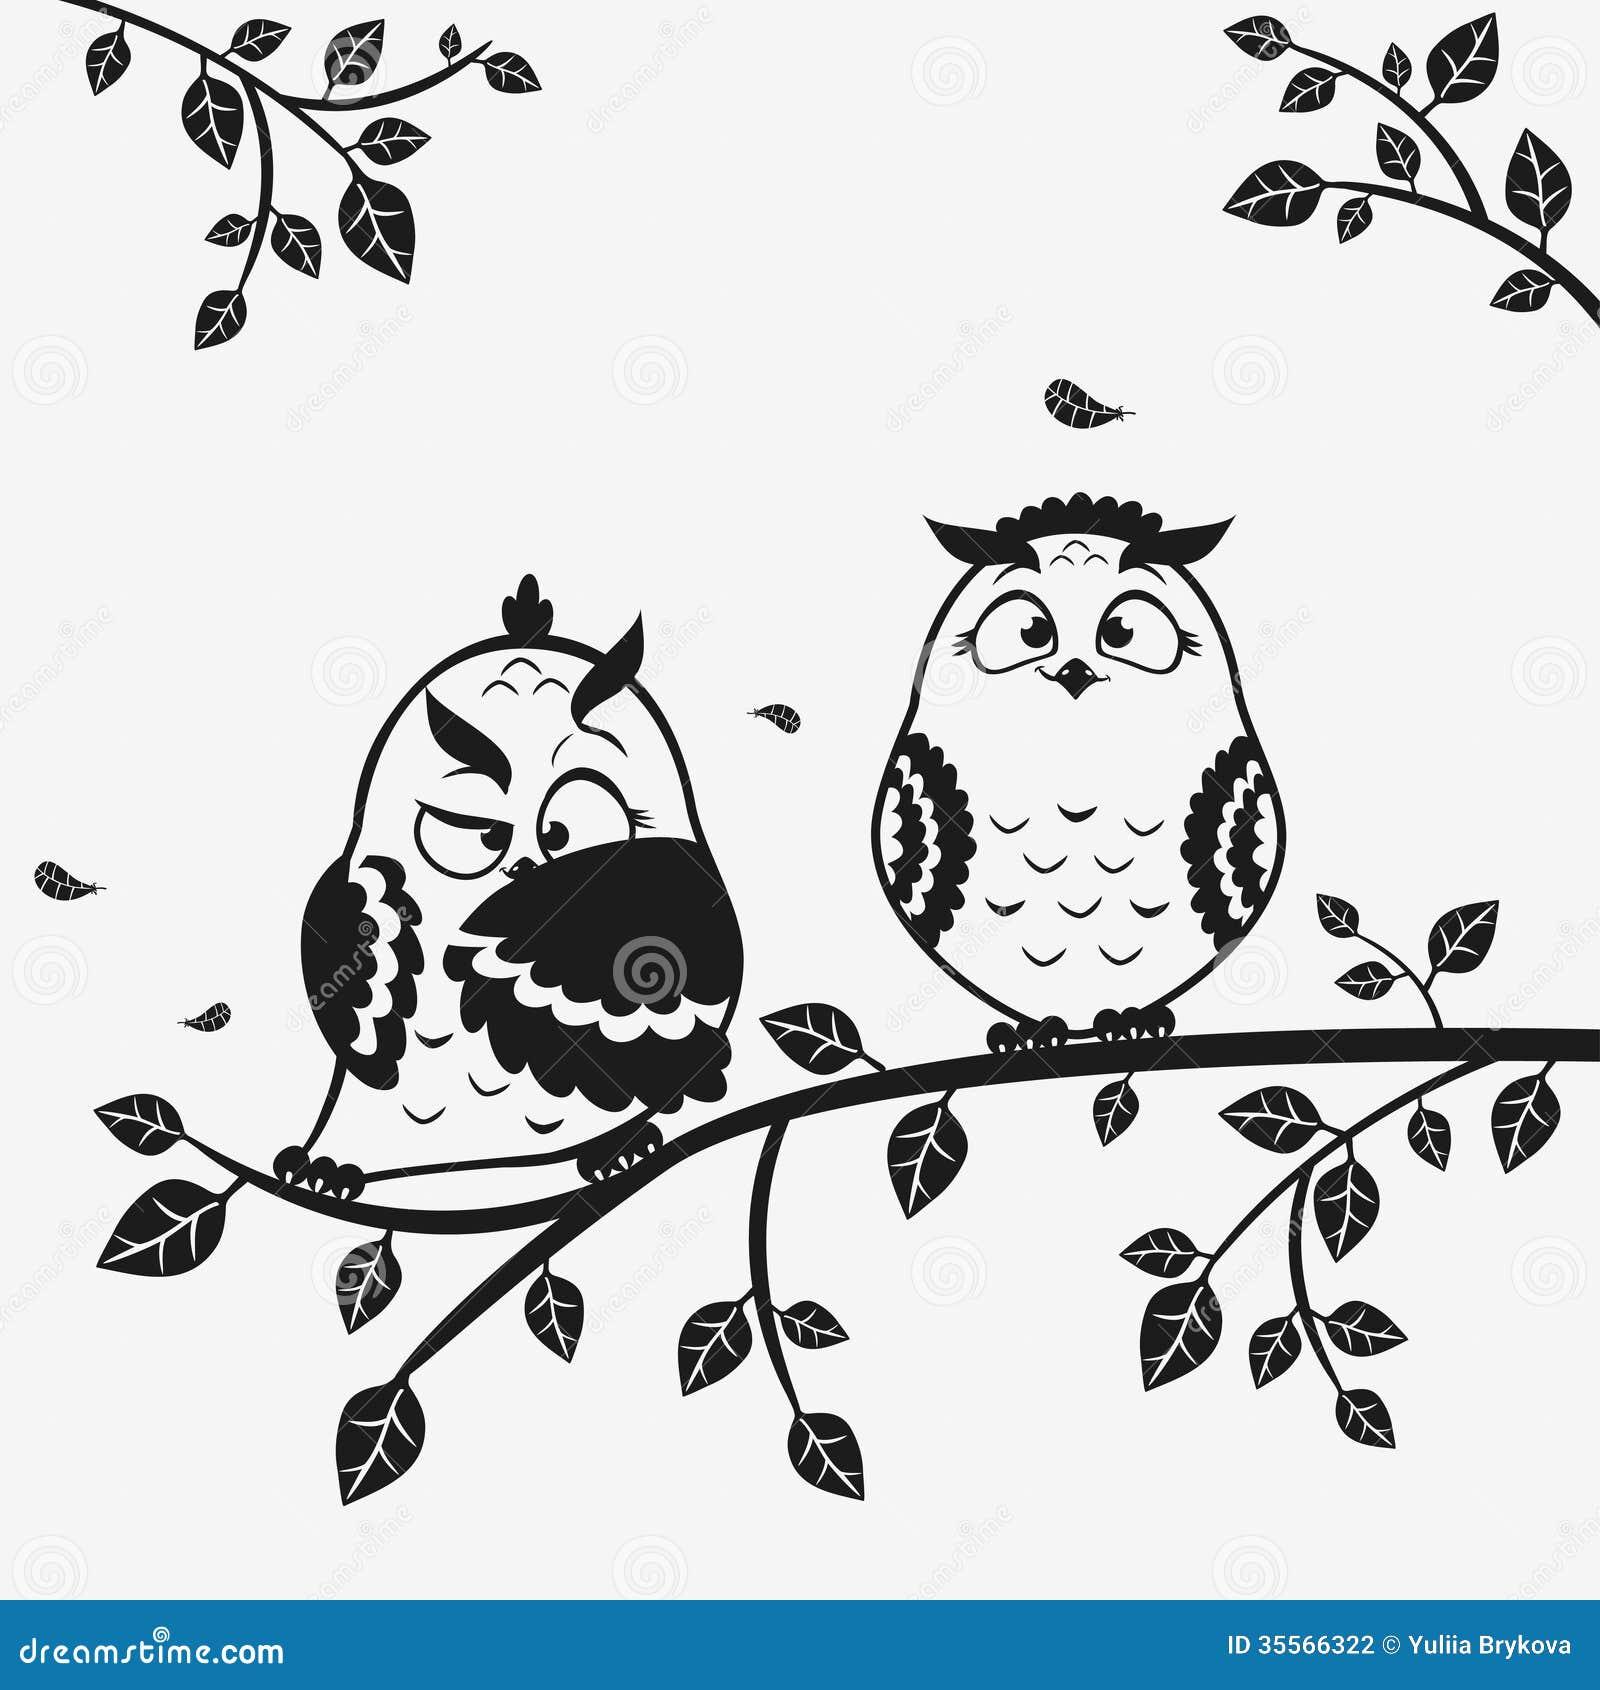 Odd Black And White Art : Owl funny stock vector illustration of monochrome black